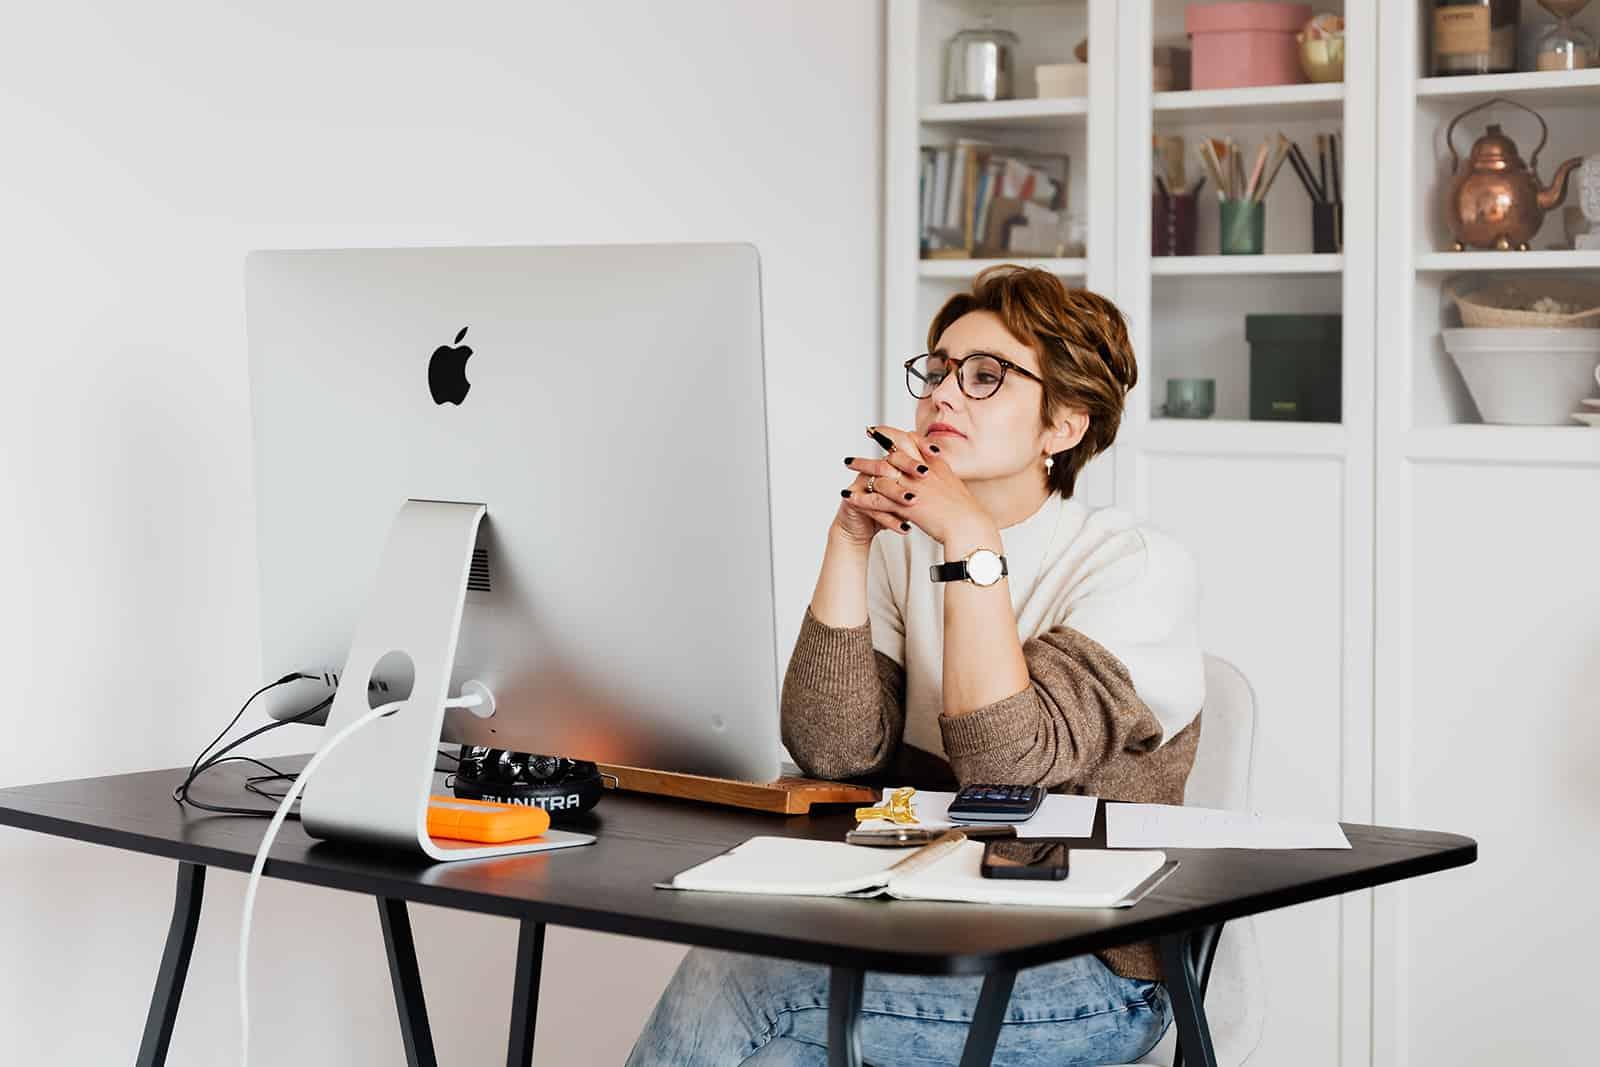 une femme pensive assise dans le bureau et regardant un ordinateur